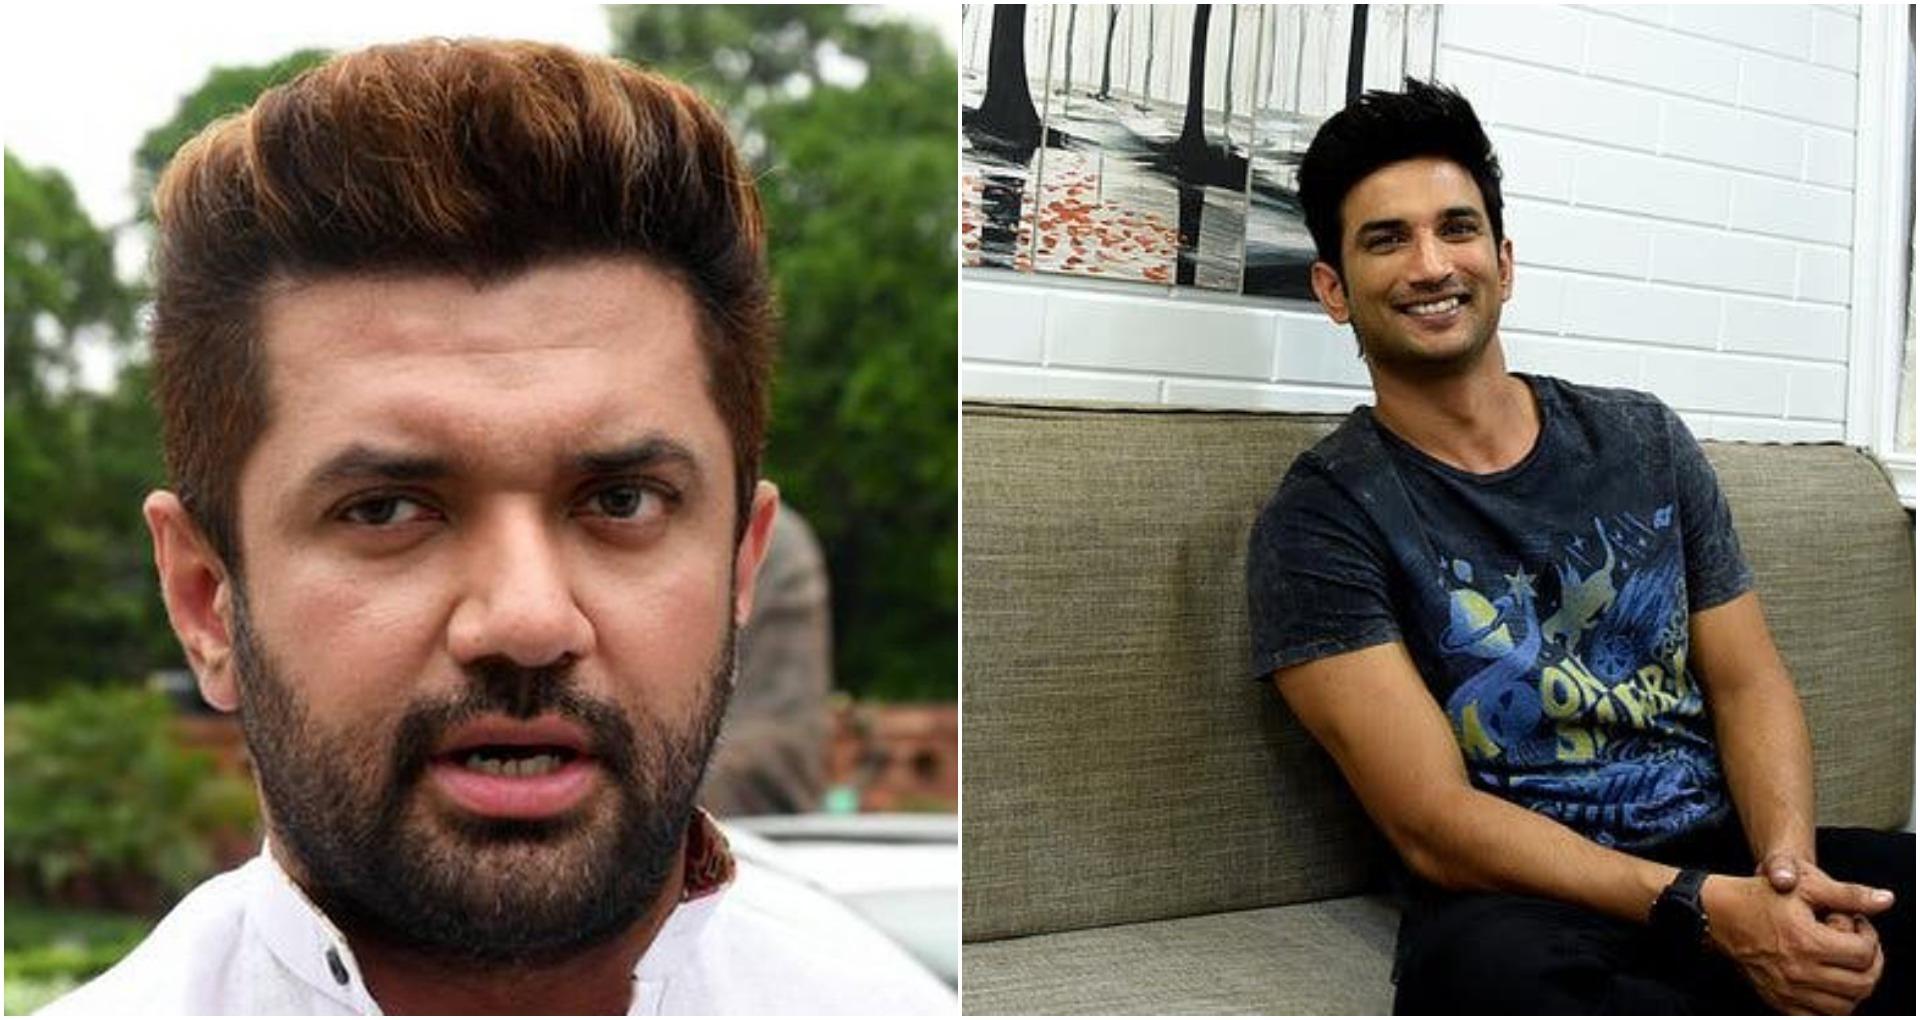 चिराग पासवान ने की सुशांत सिंह राजपूत की आत्महत्या पर कार्रवाई की मांग